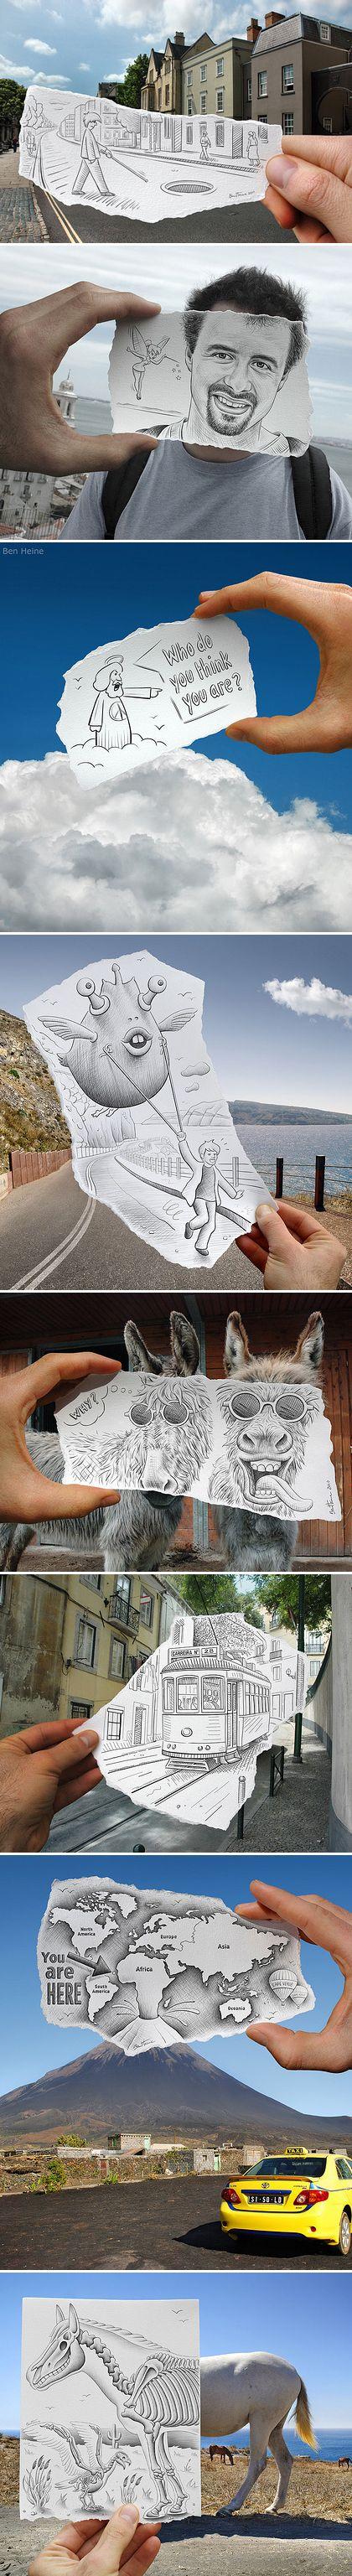 Ben Heine: Pencil Versus Camera